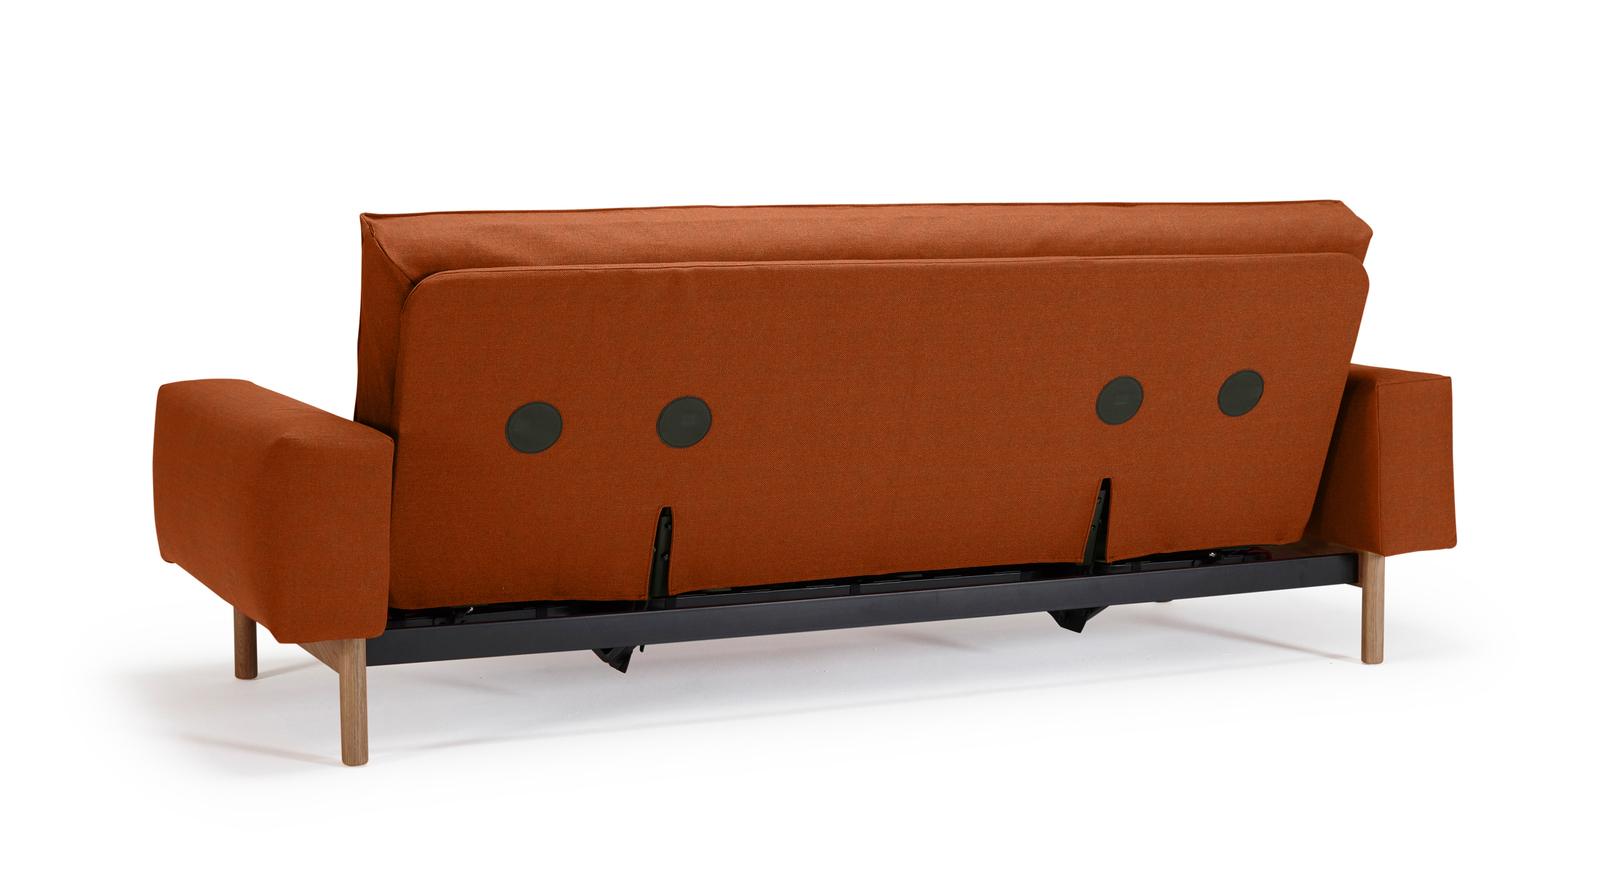 Schlafsofa Nereto mit mattschwarzem Sofagestell aus Edelstahl